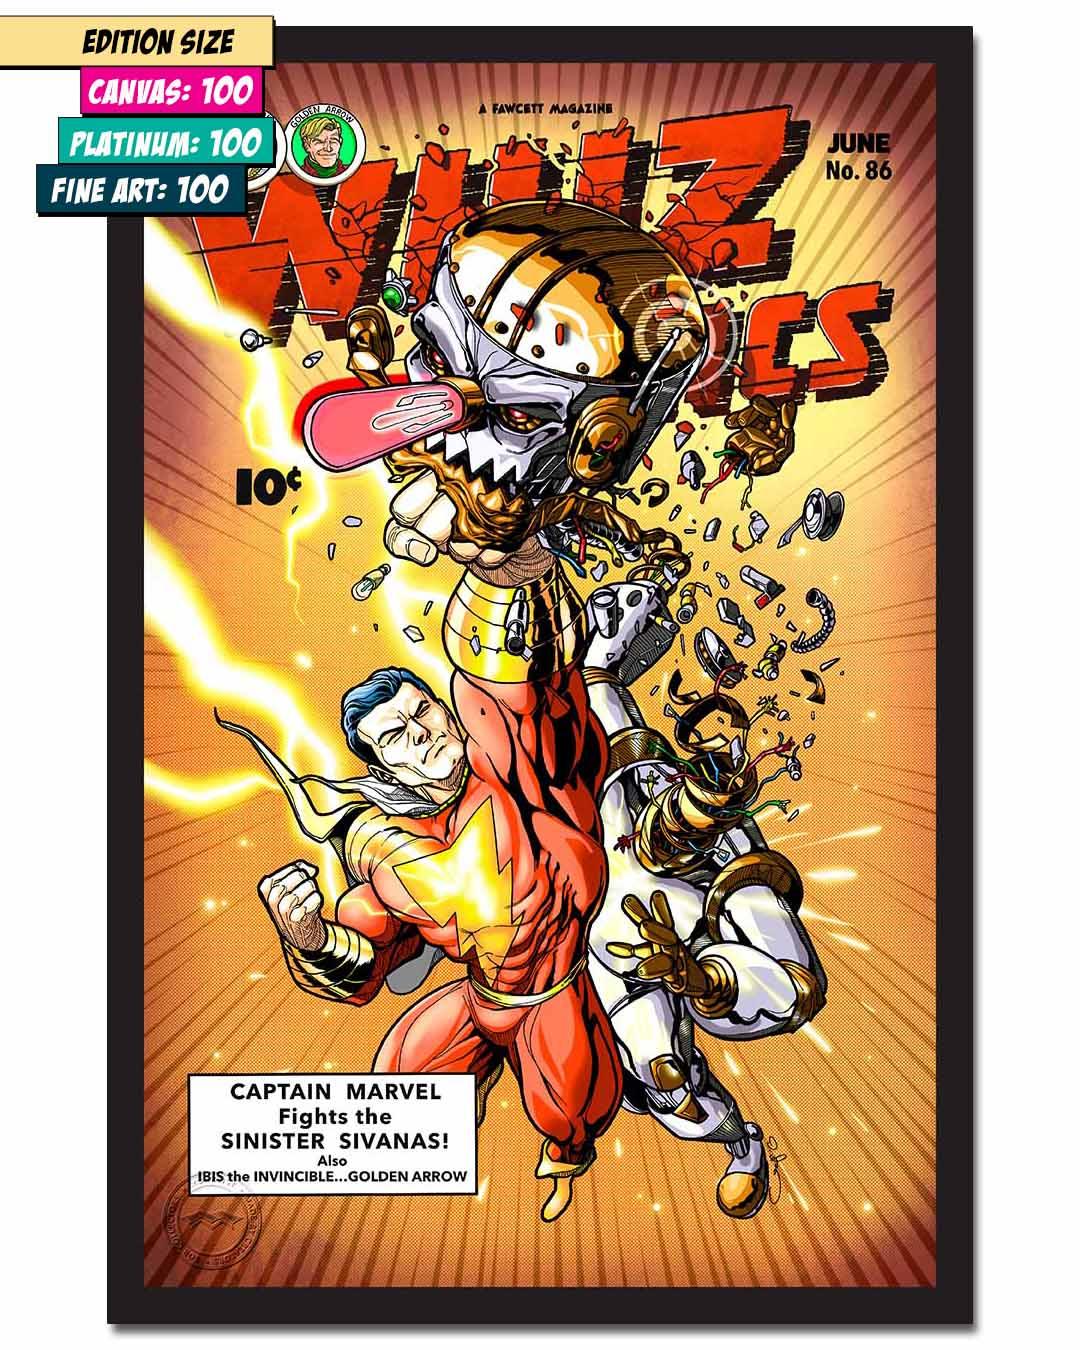 WHIZ COMICS #86: RECREATION